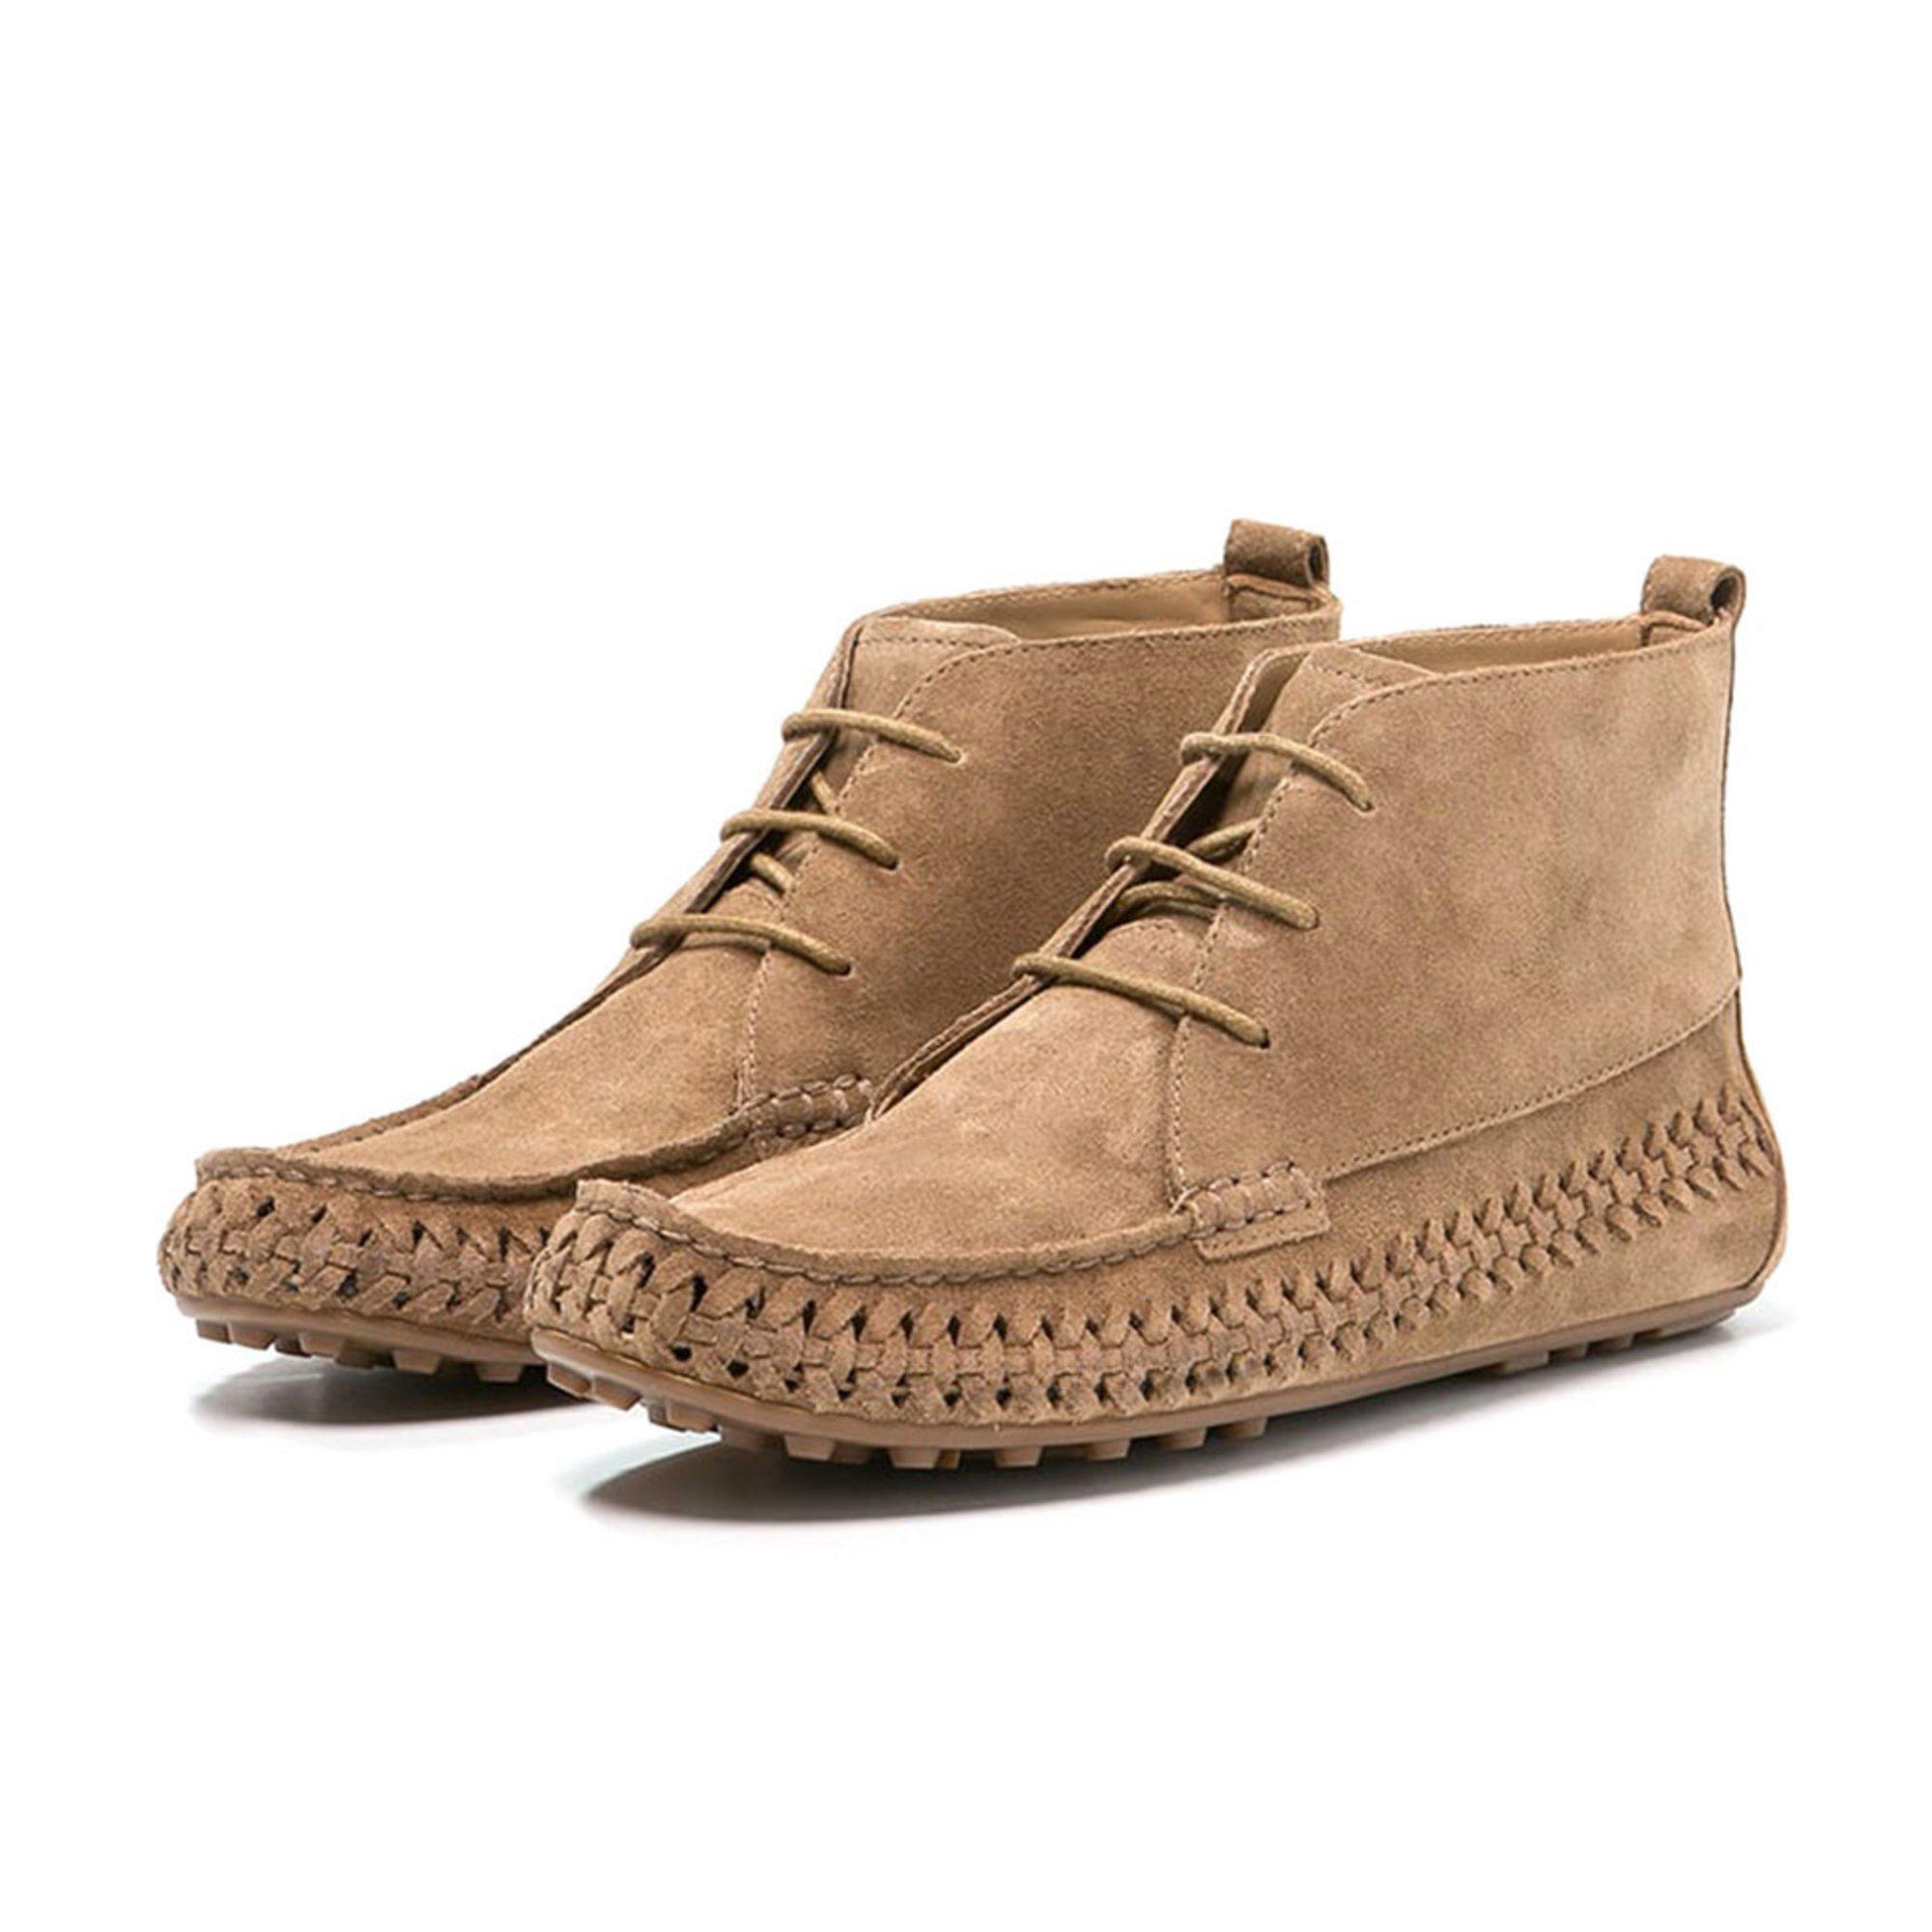 michael kors westley s lace up shoe desert s